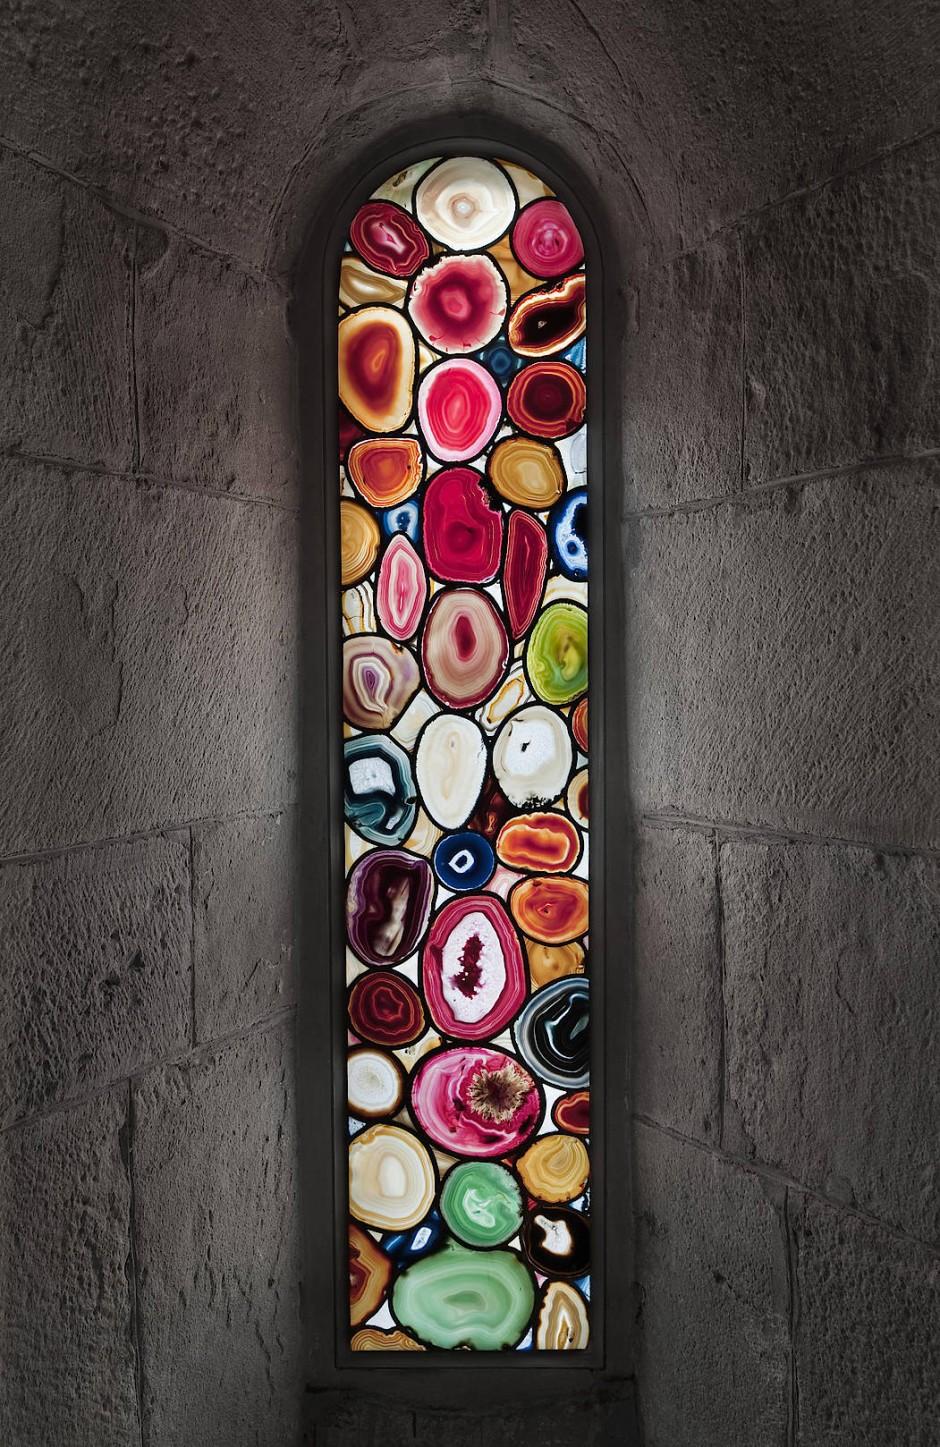 Wörtlich genommen: Bei den Züricher Achatfenstern des gelernten Glasmalers Sigmar Polke fällt das Licht durch echte Halbedelsteine, aus denen die Scheiben im Mittelalter auch hergestellt worden waren.